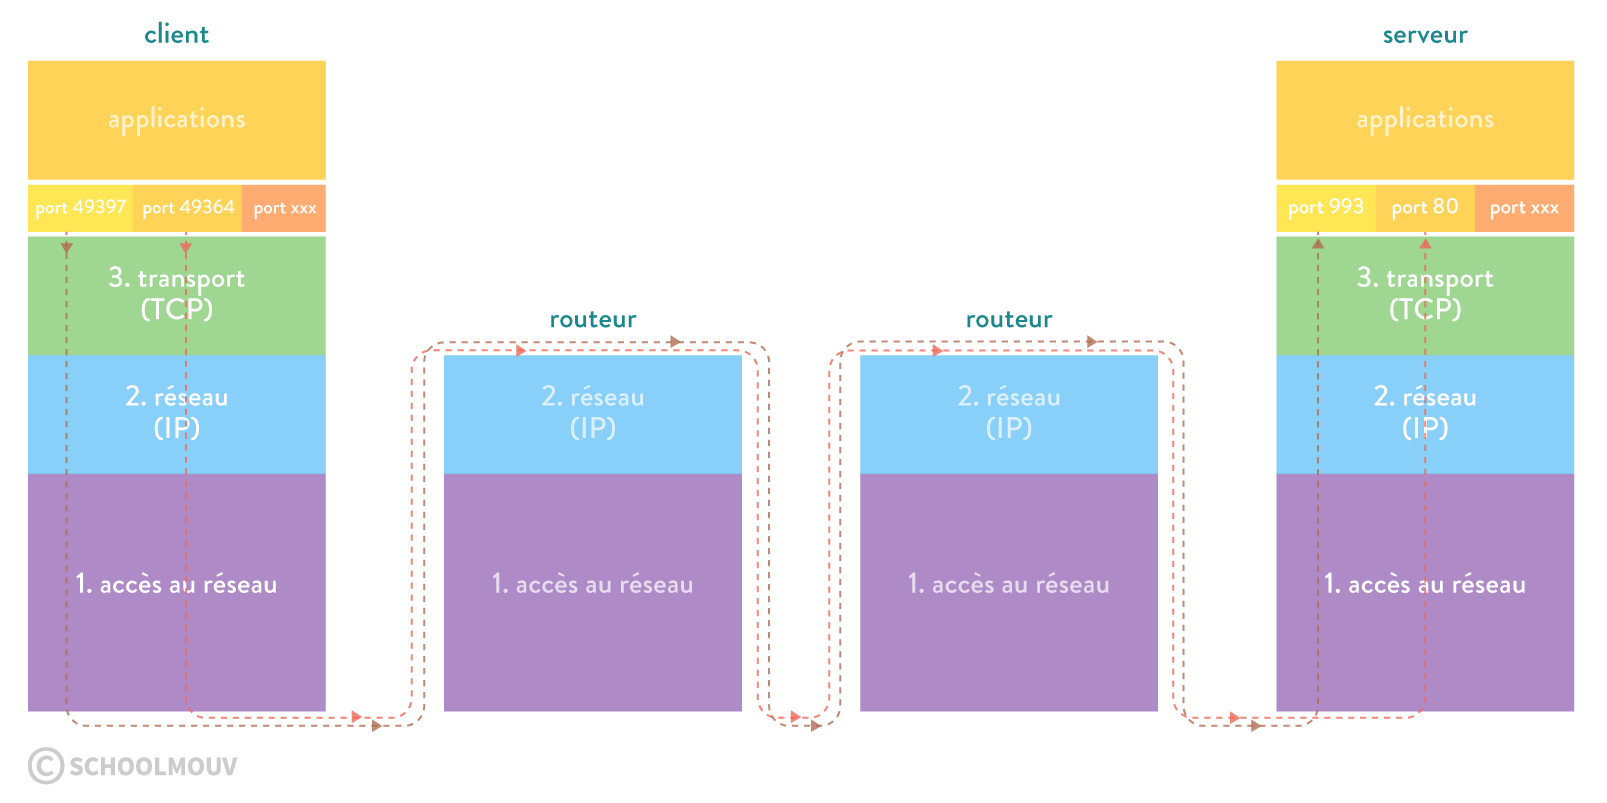 numérique sciences informatique première TCP et bit alterné la communication d'application à application grâce à la couche transport